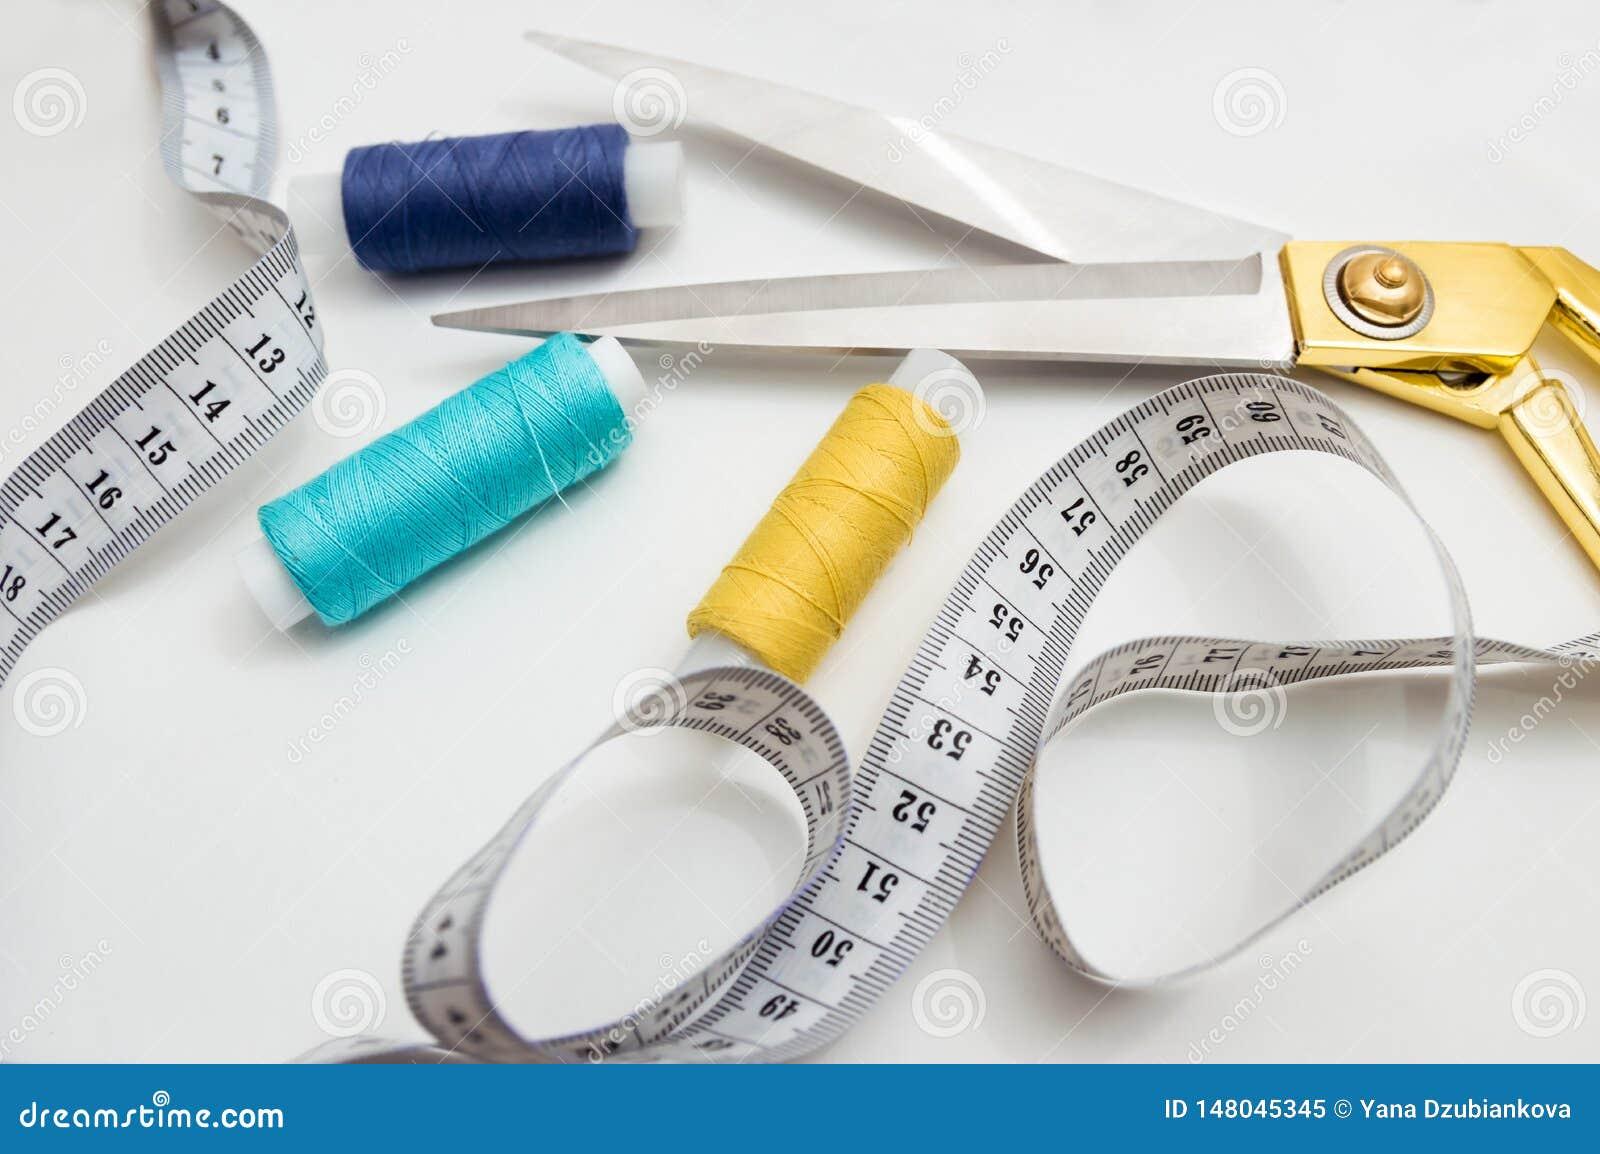 Ciseaux d or, fils bleus, bleus et jaunes, bande de mesure se trouvant sur un fond blanc, un ensemble pour couper et couture